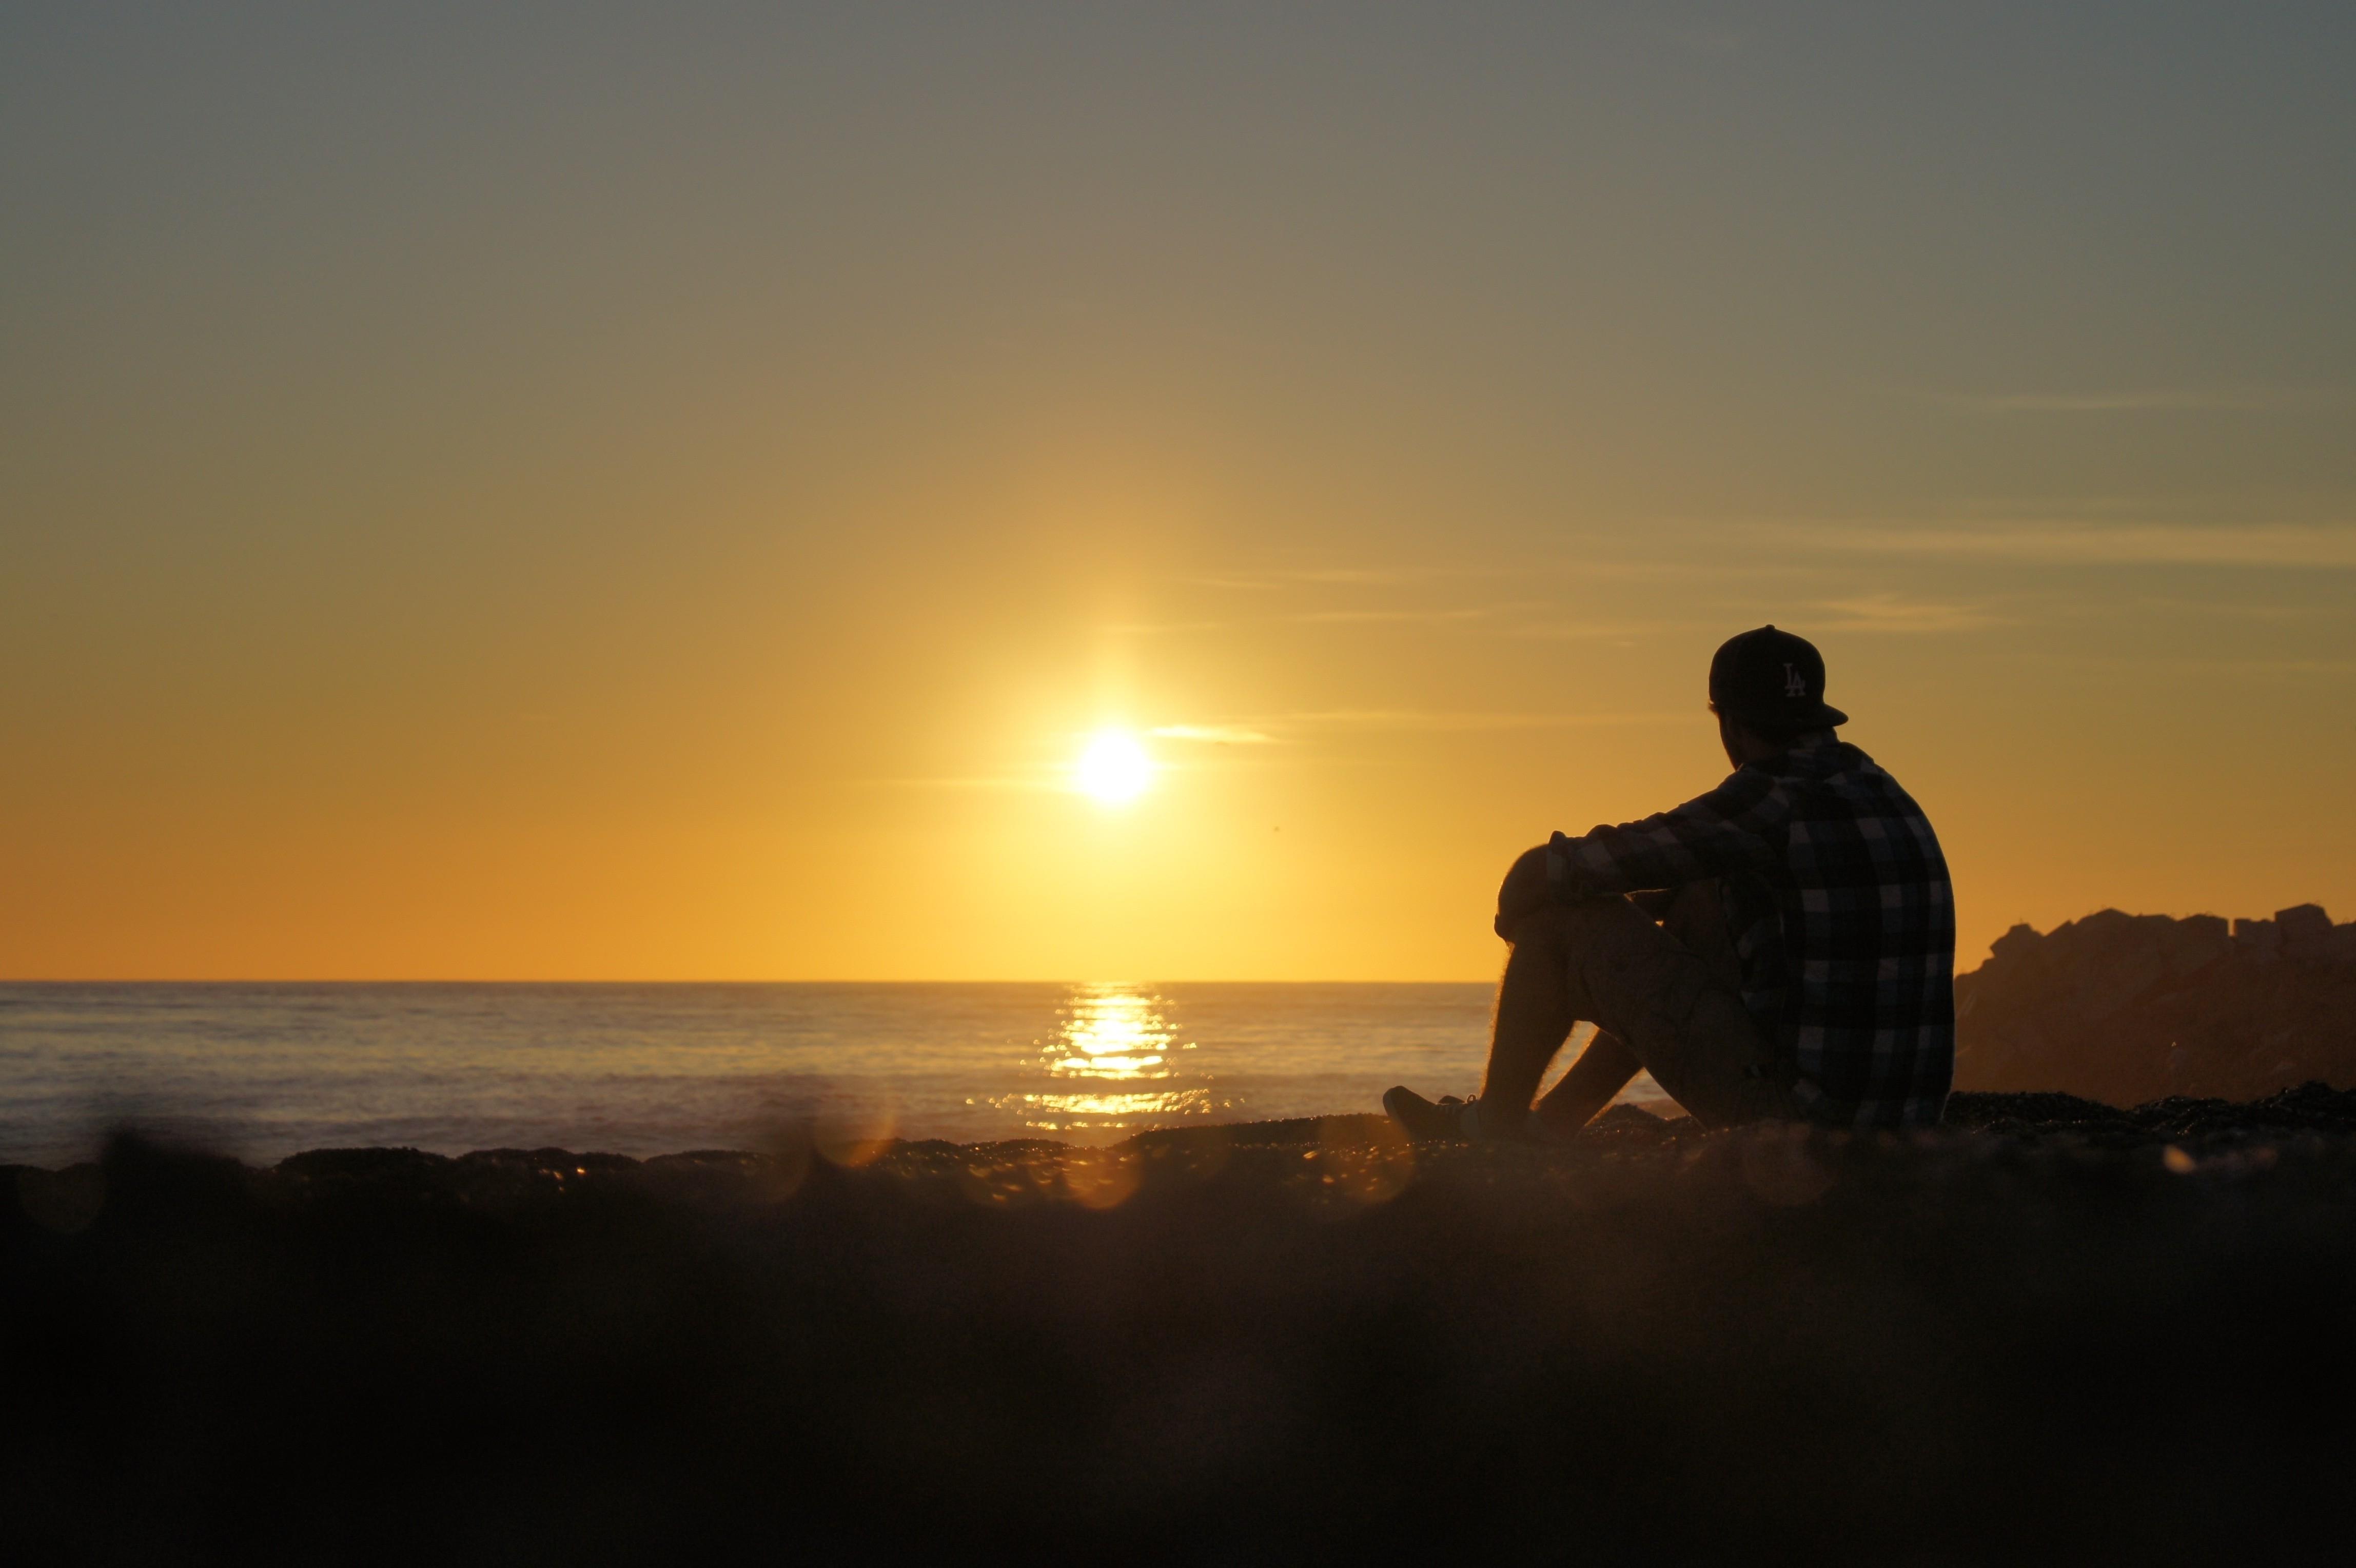 борщев парень стоит на закате солнца картинки освещение здания прилегающей